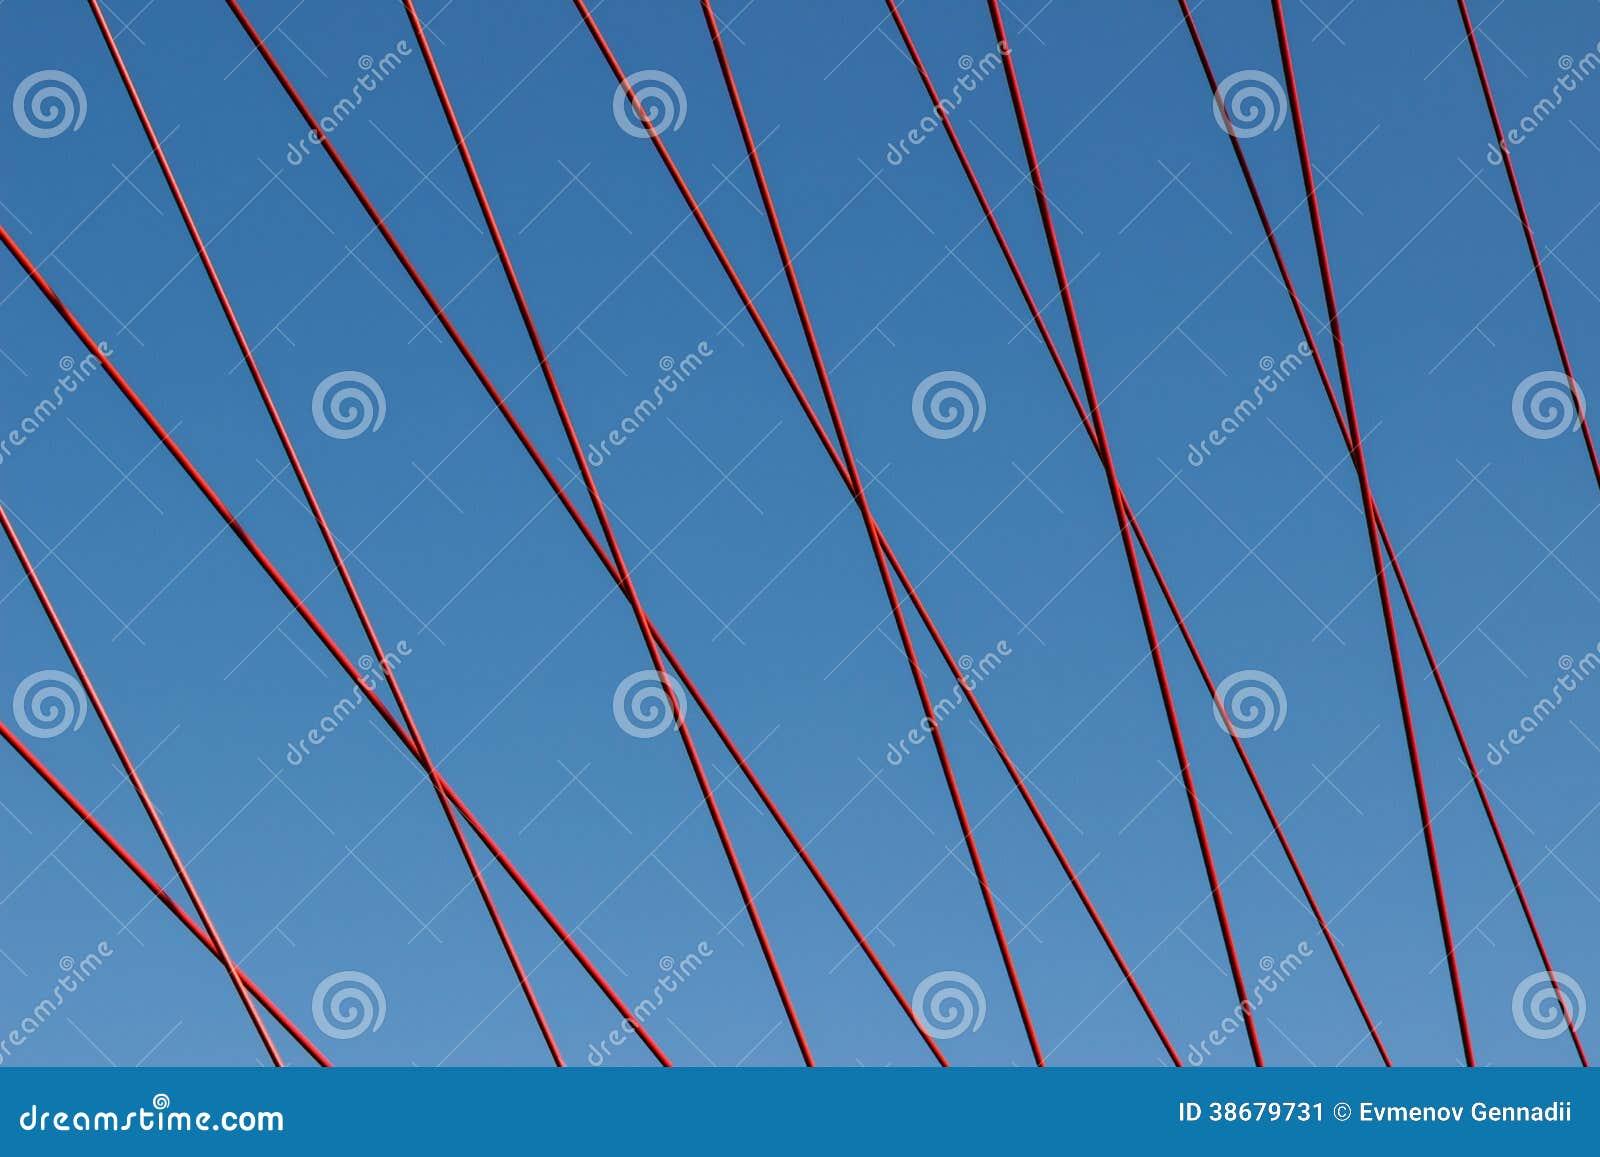 Висячий мост веревочки